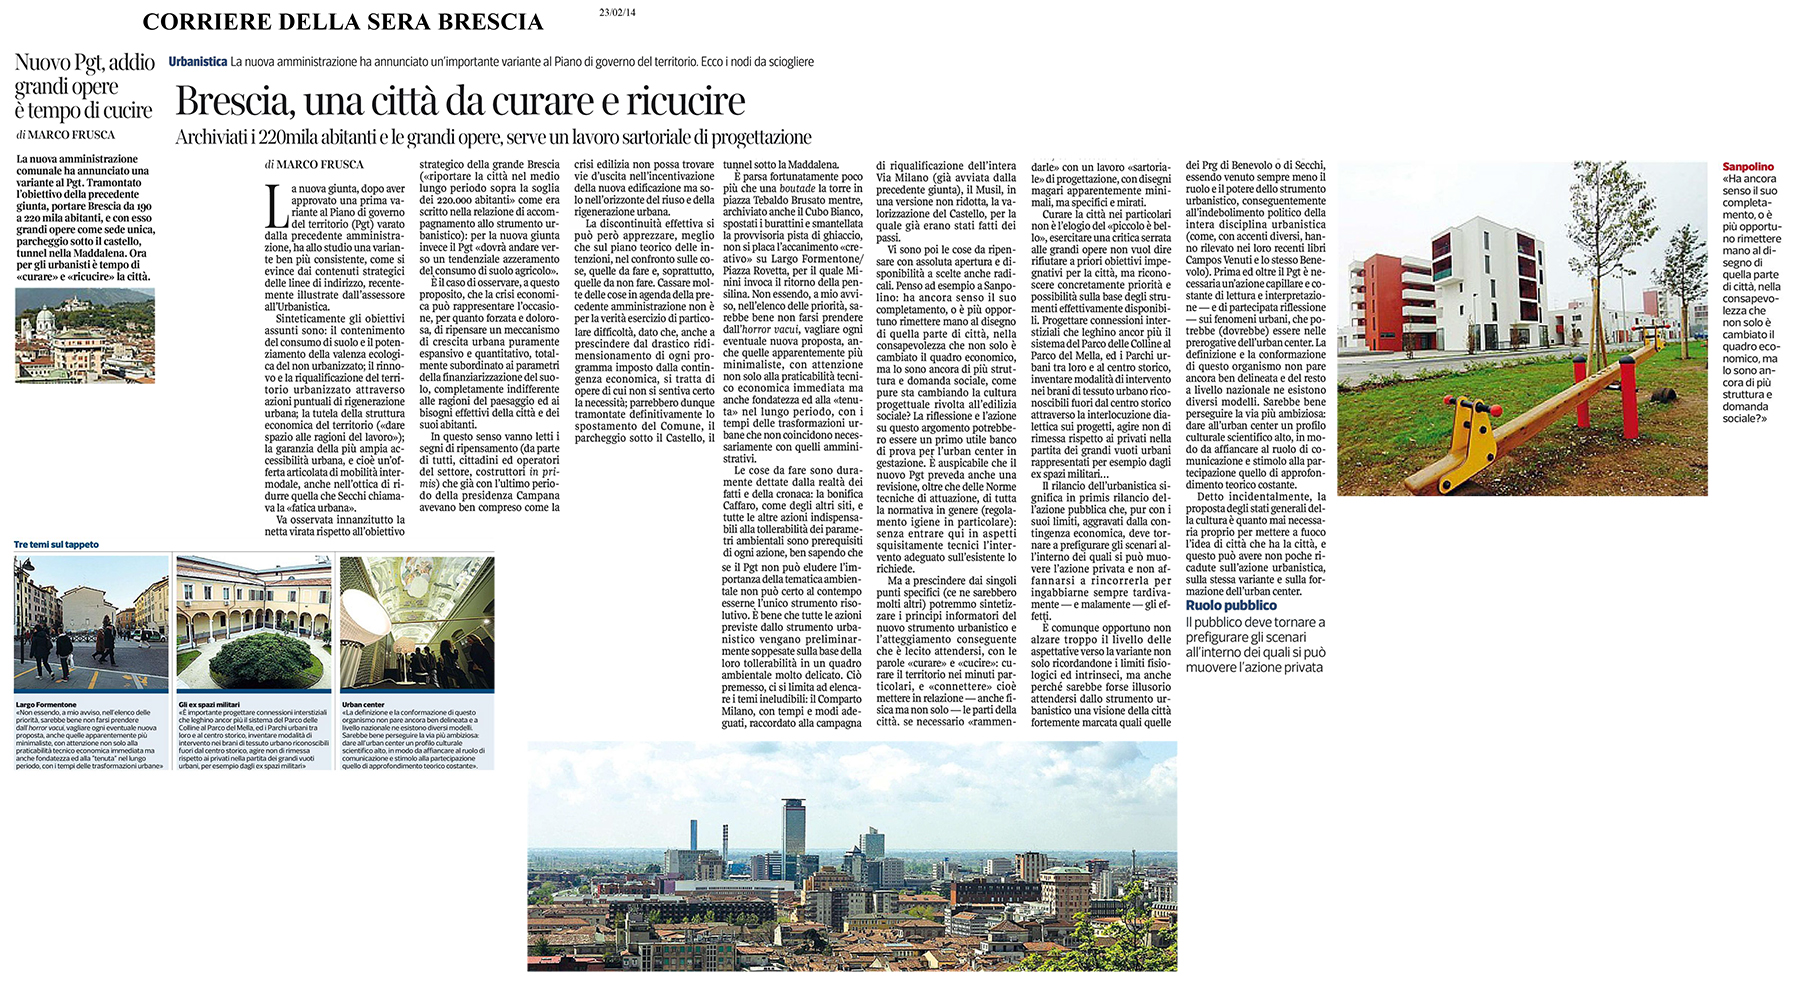 La forma e il volto della città / Brescia, una città da curare e ricucire